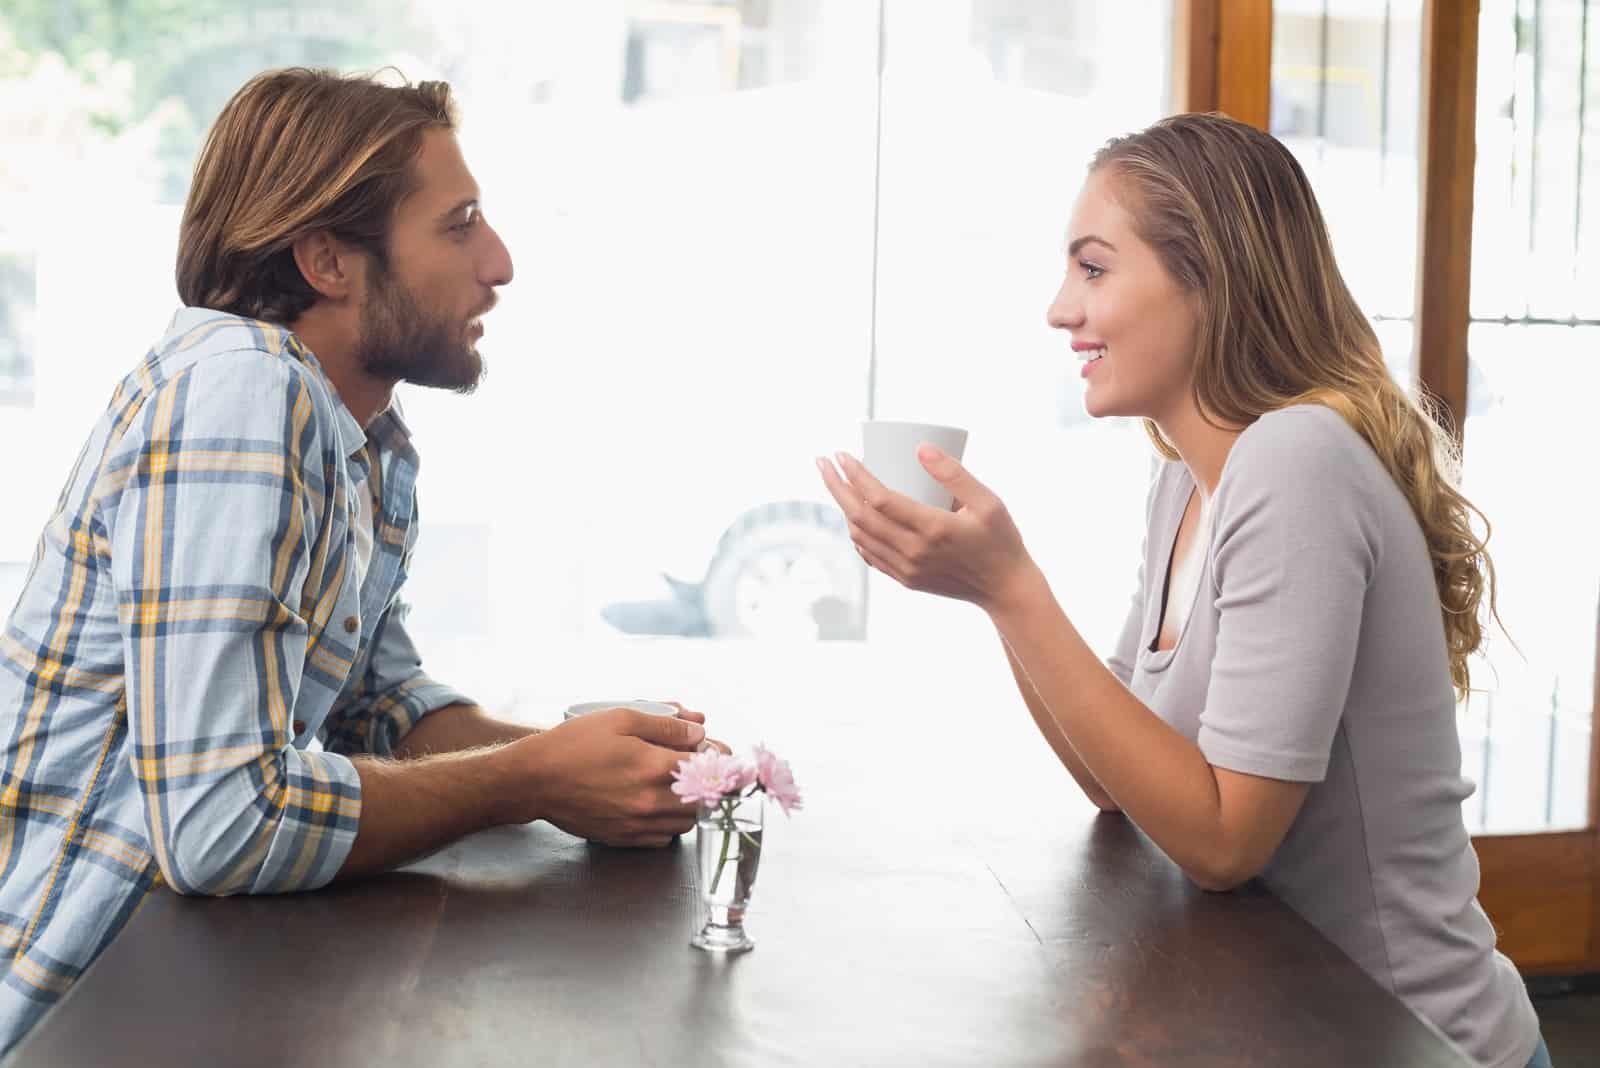 un homme et une femme sont assis à une table autour d'un café et discutent